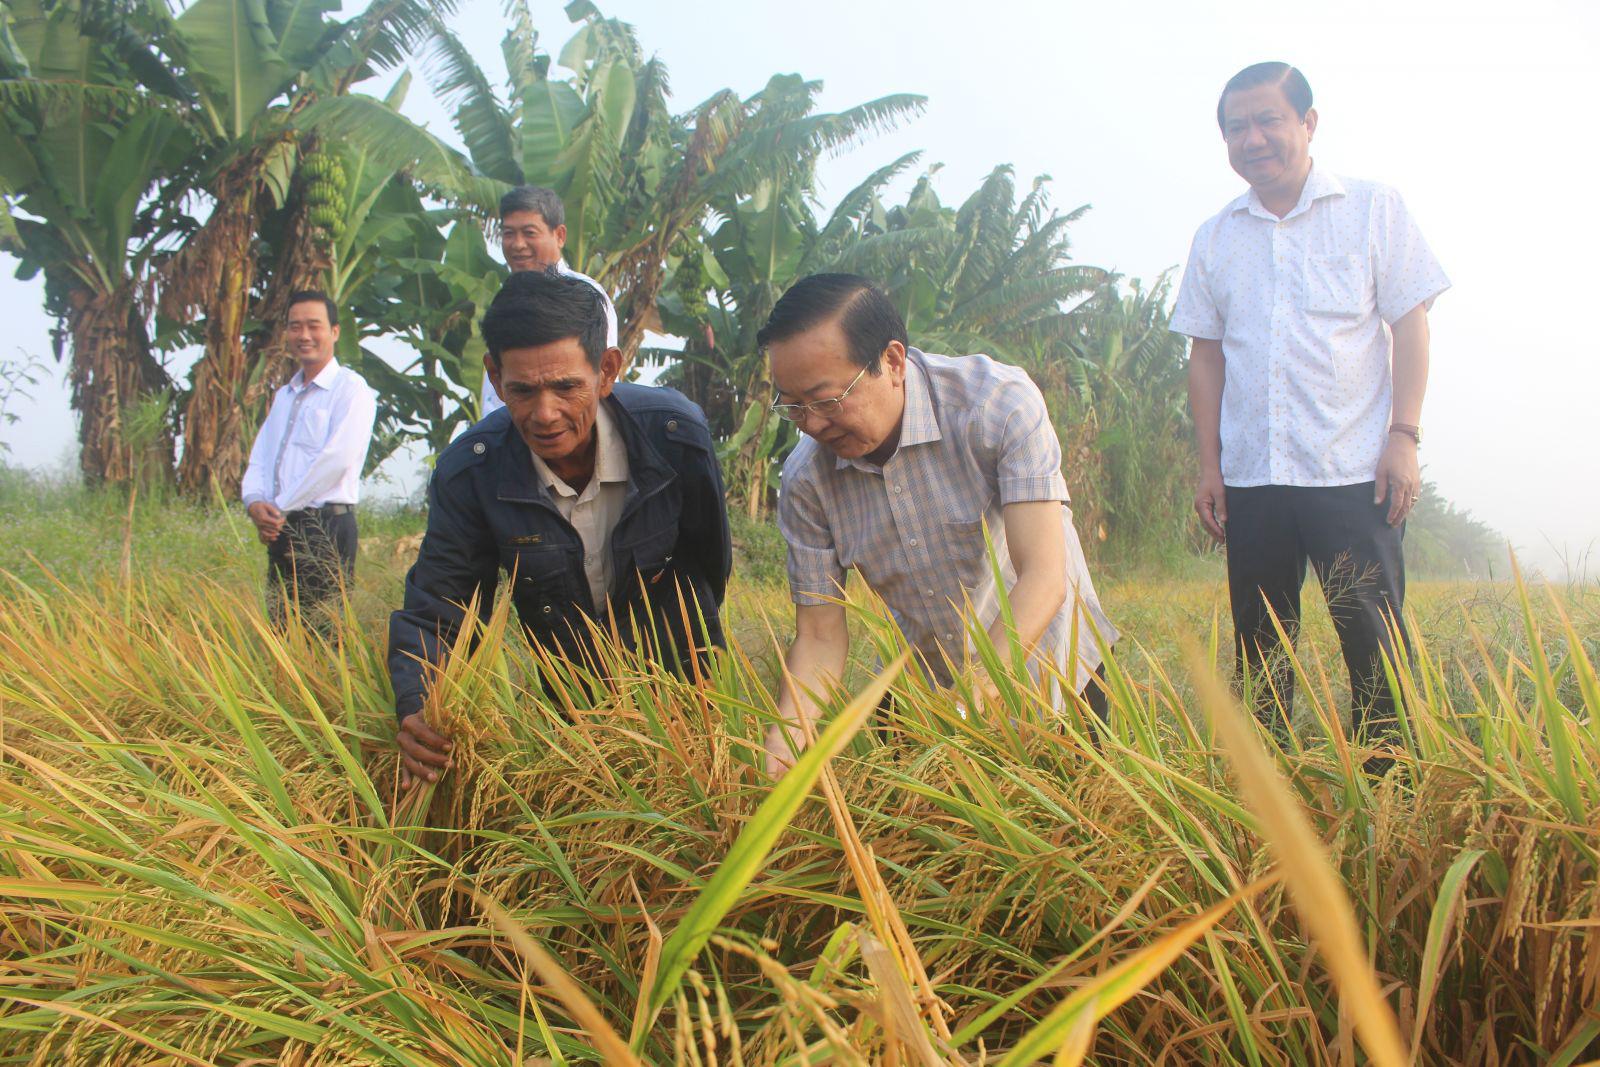 Đồng chí Lê Tấn Thủ, Bí thư Quận ủy Bình Thủy (thứ 2 từ phải sang) thăm hỏi bà con nông dân về tình hình sản xuất lúa đông xuân. Ảnh: MINH HUYỀN